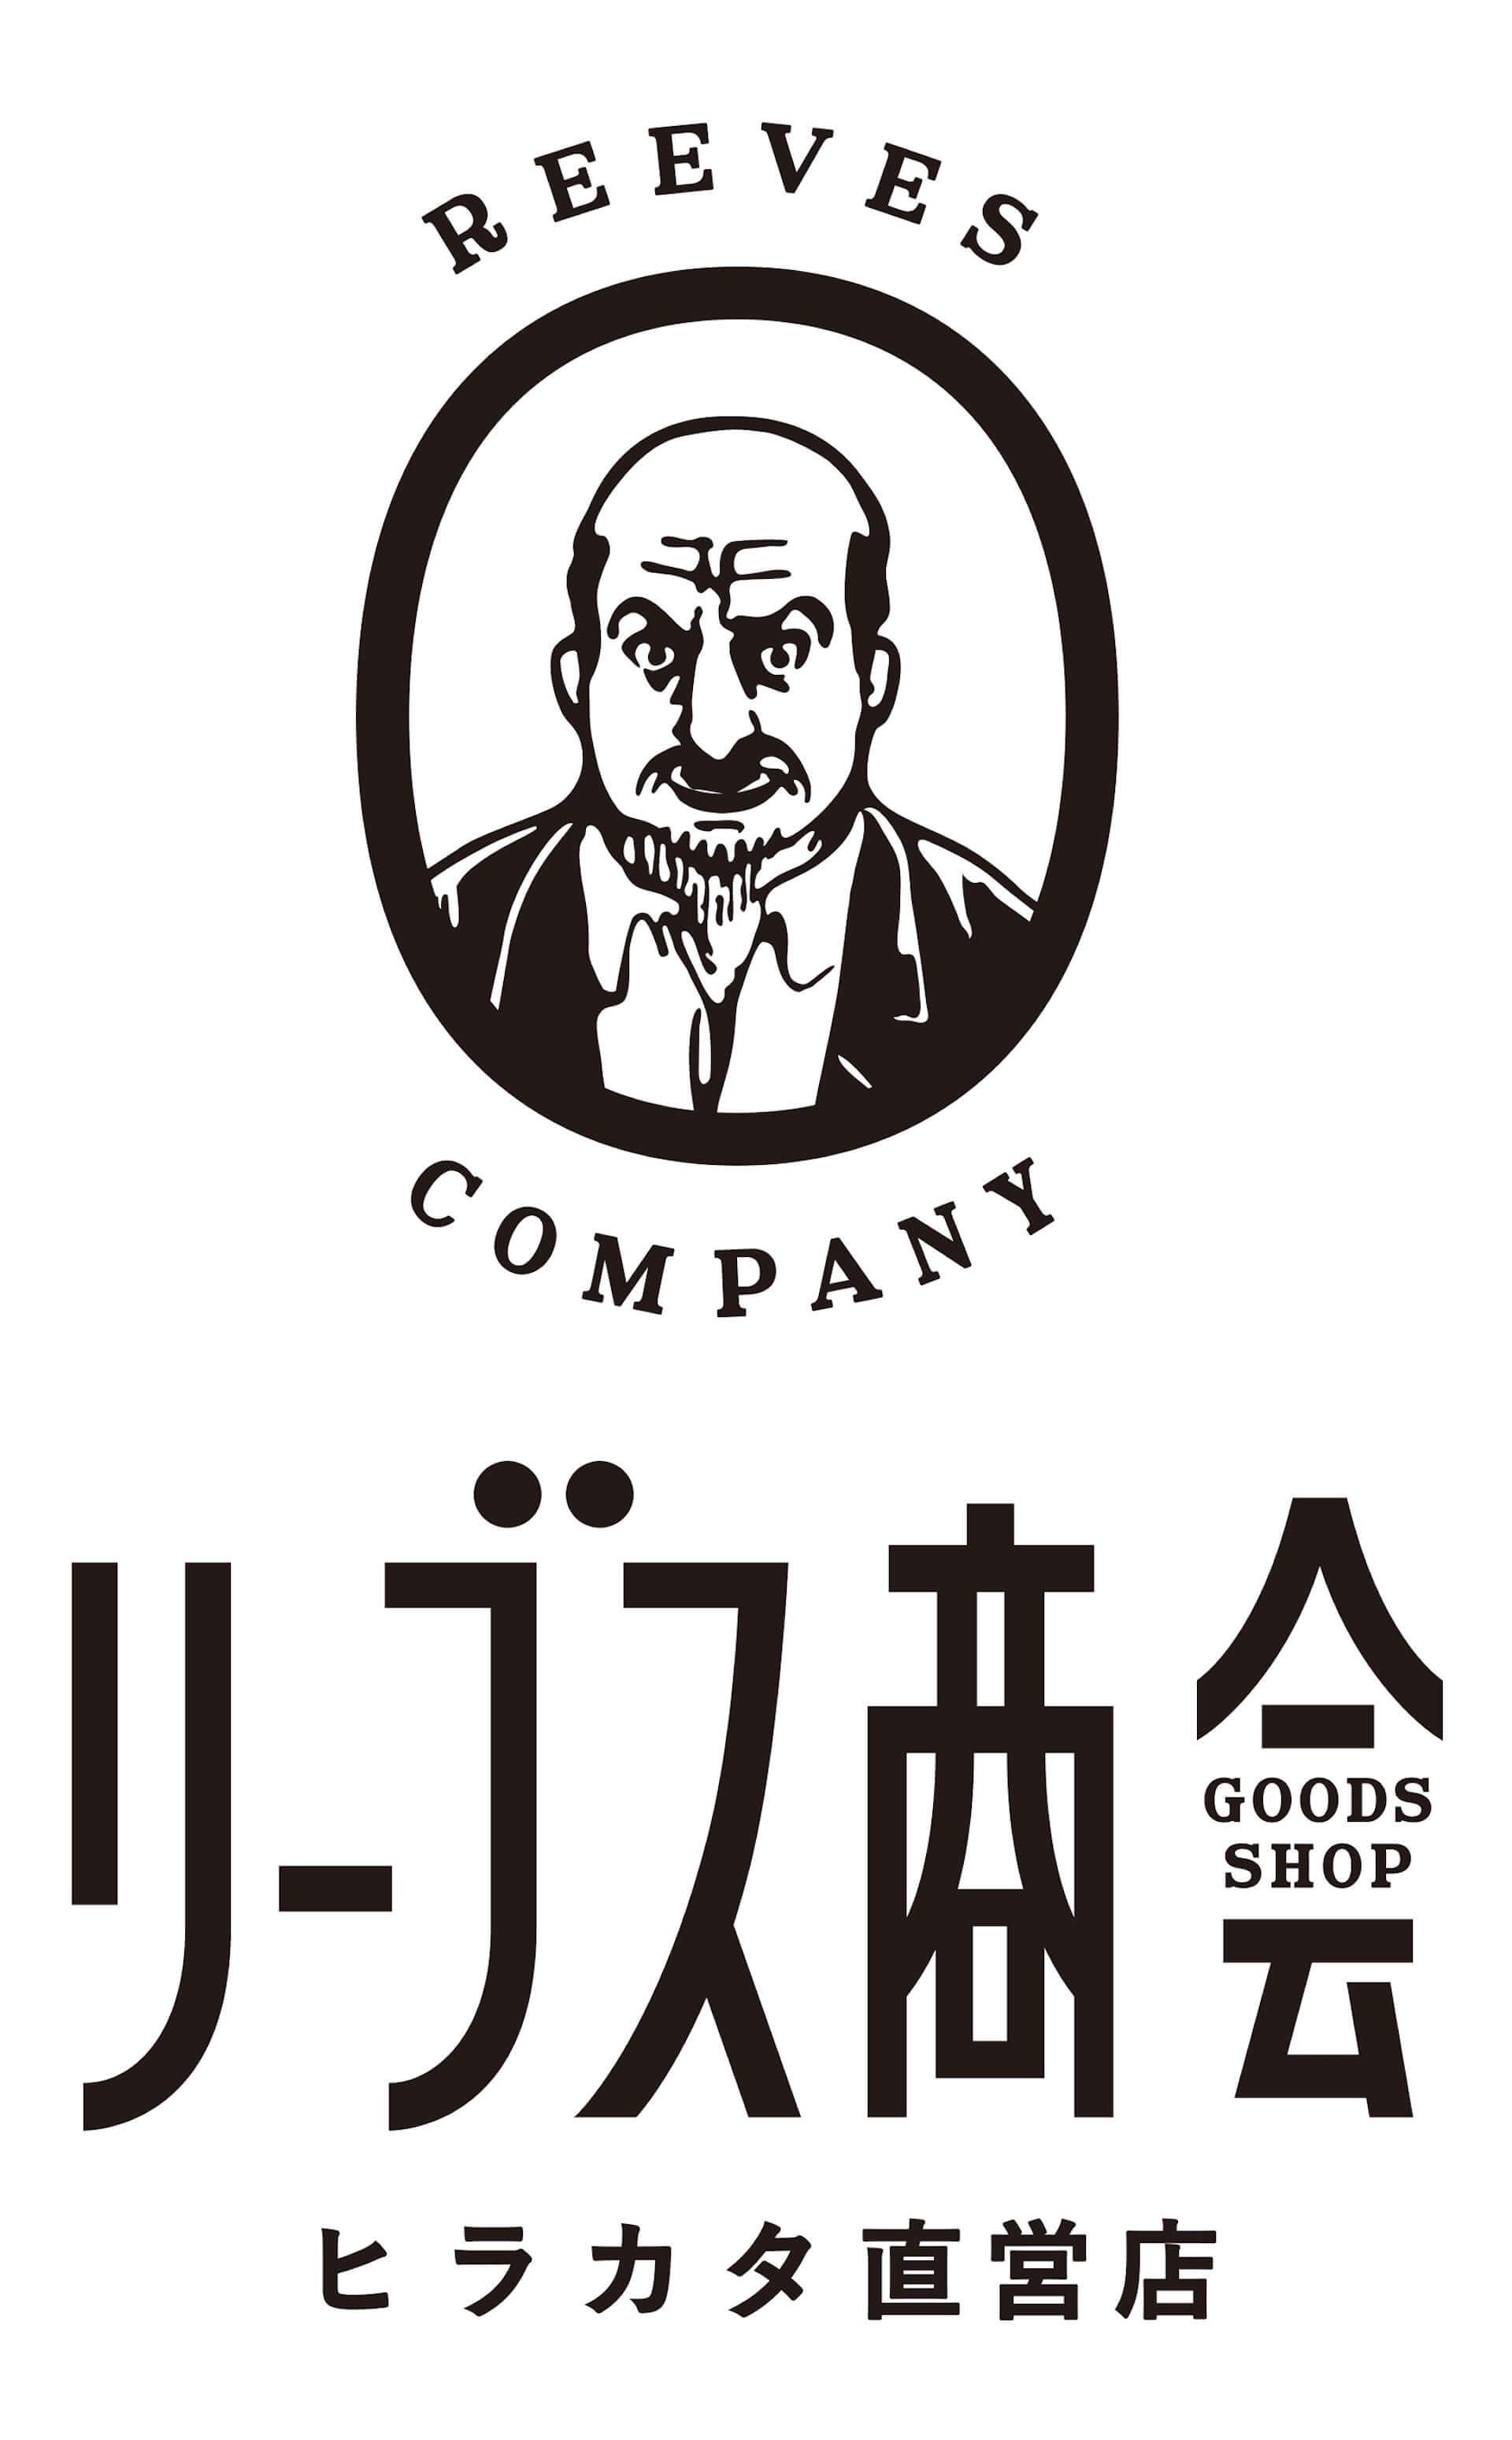 進撃の巨人がひらパーに襲来!<進撃の巨人展FINALinひらかたパーク>が開催|大阪展限定描き下ろしアニメイラストも公開 art190913_shingekinokyojin_hirakata_9-1920x3098